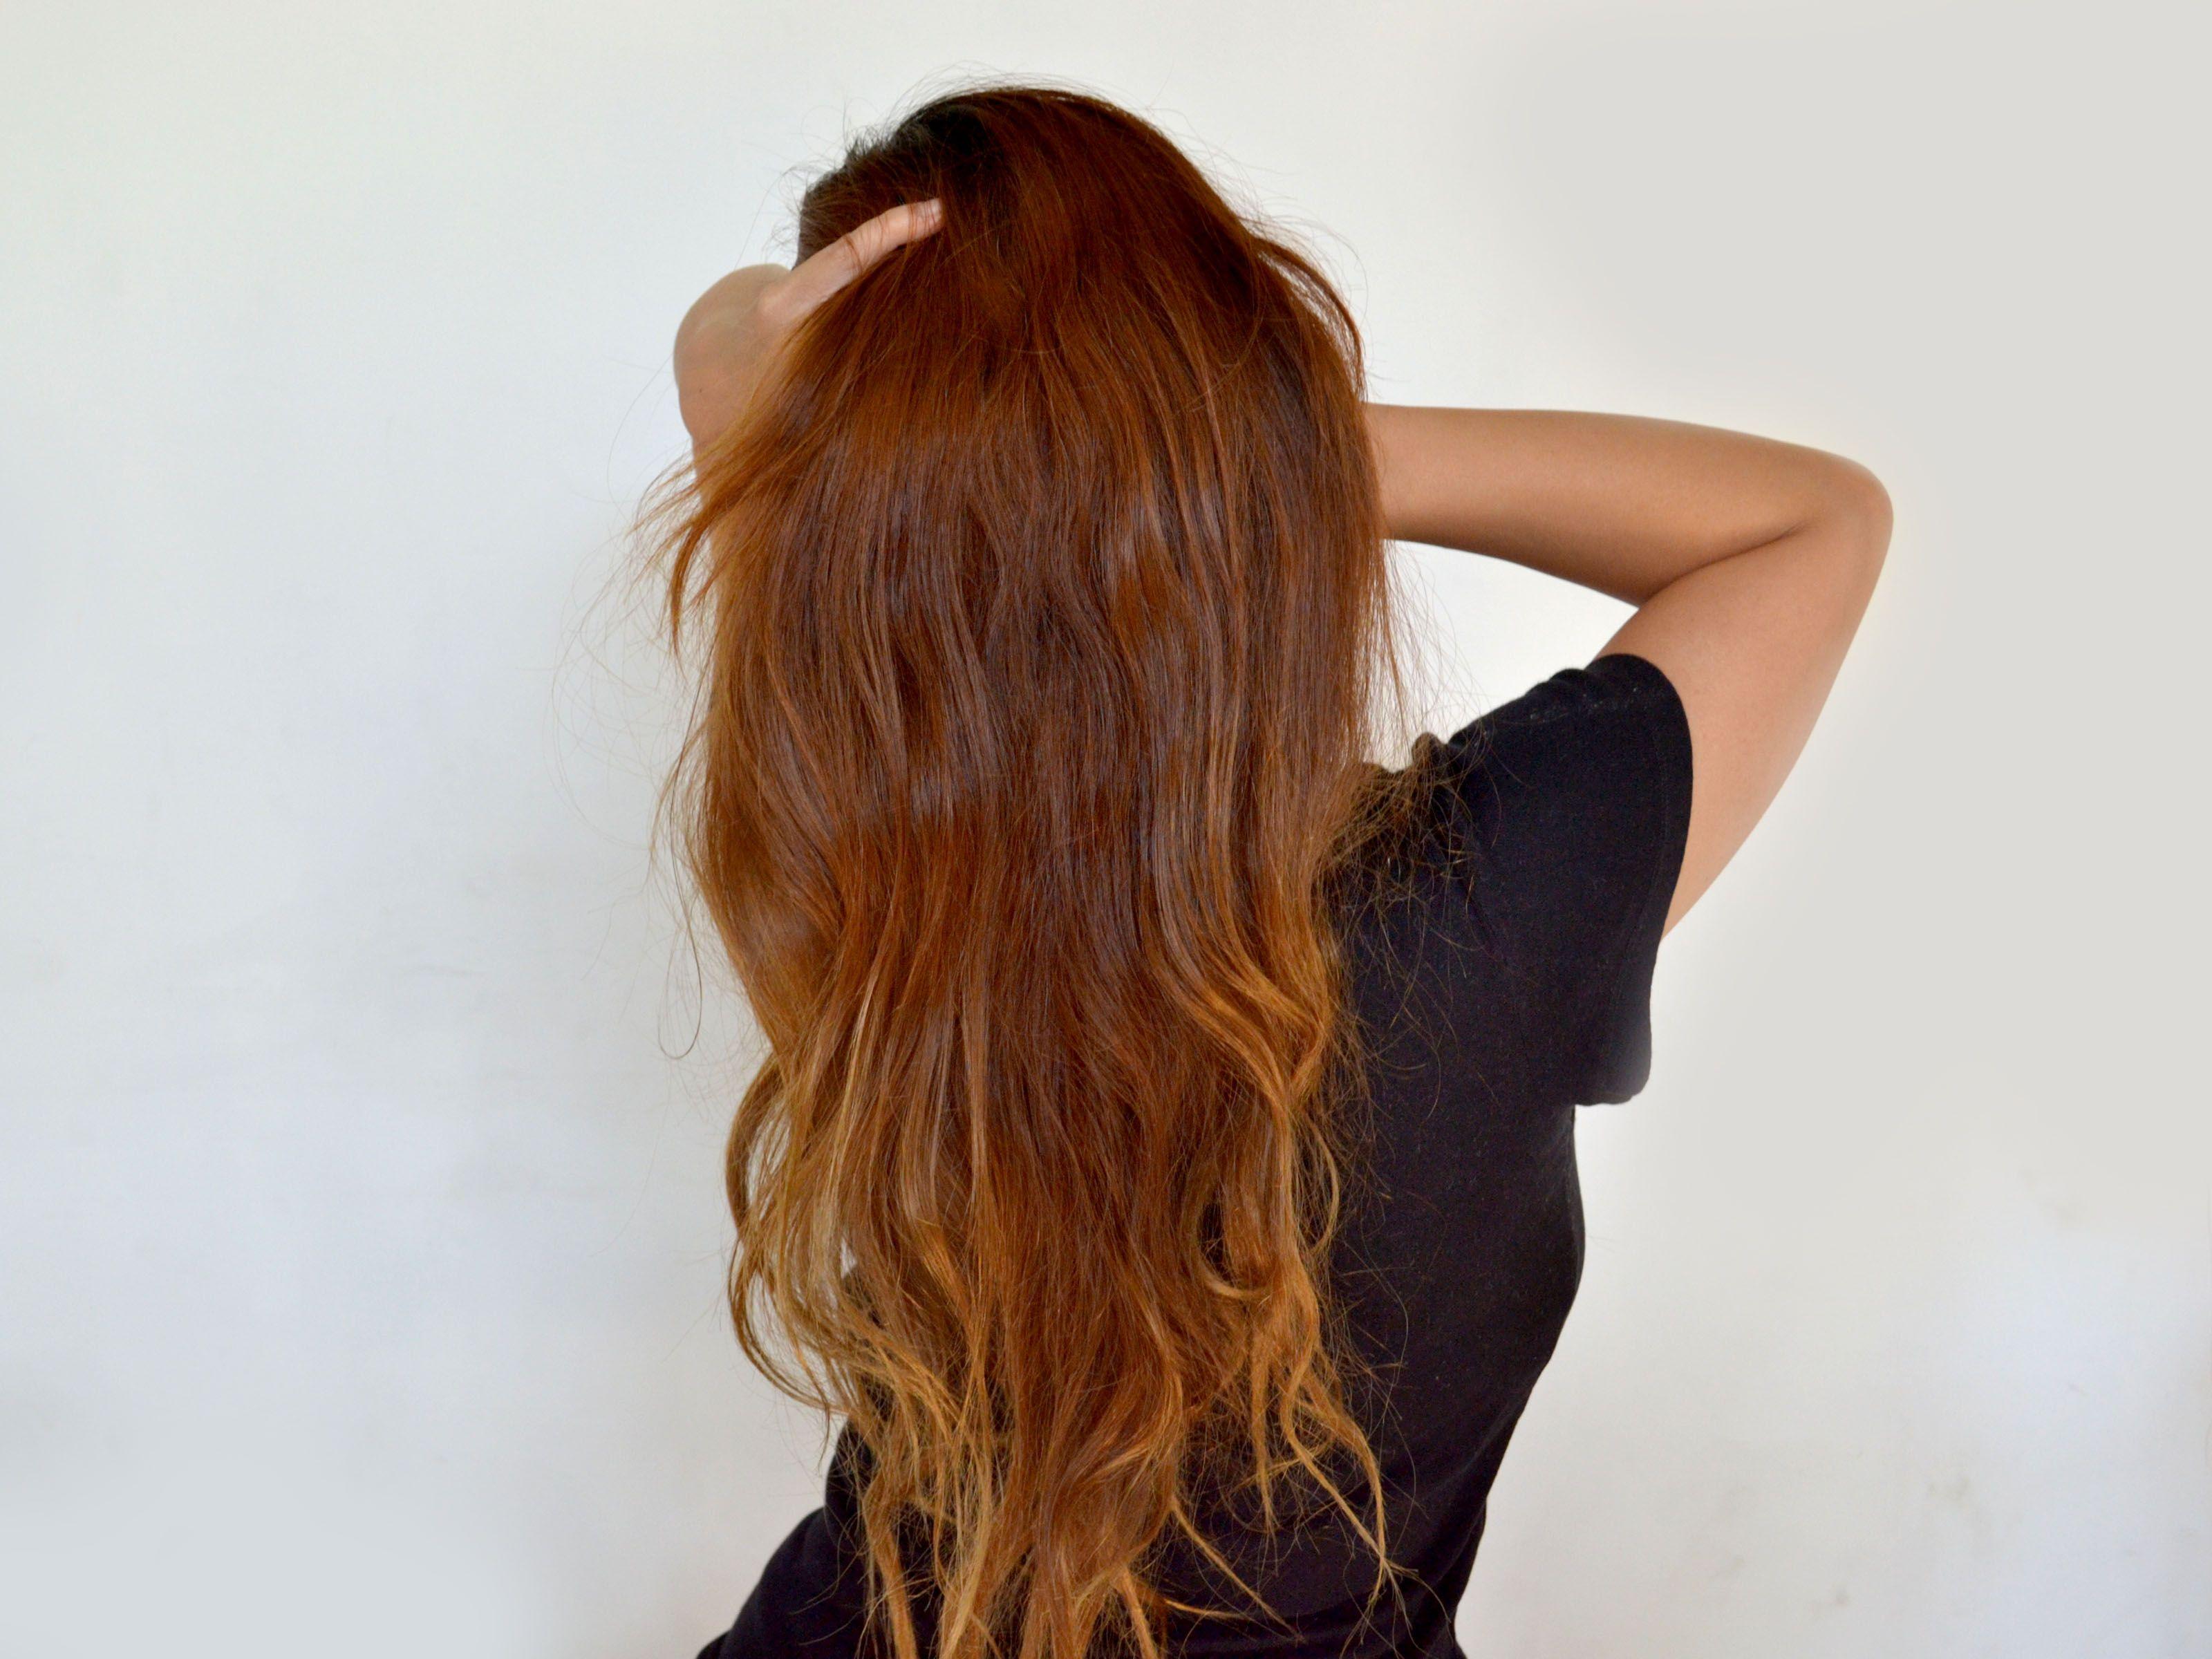 Charming Conditioner Sollen Das Haar Kräftigen, Geschädigte Follikel Glätten Und Die  Natürliche Feuchtigkeit Des Haares Erhalten